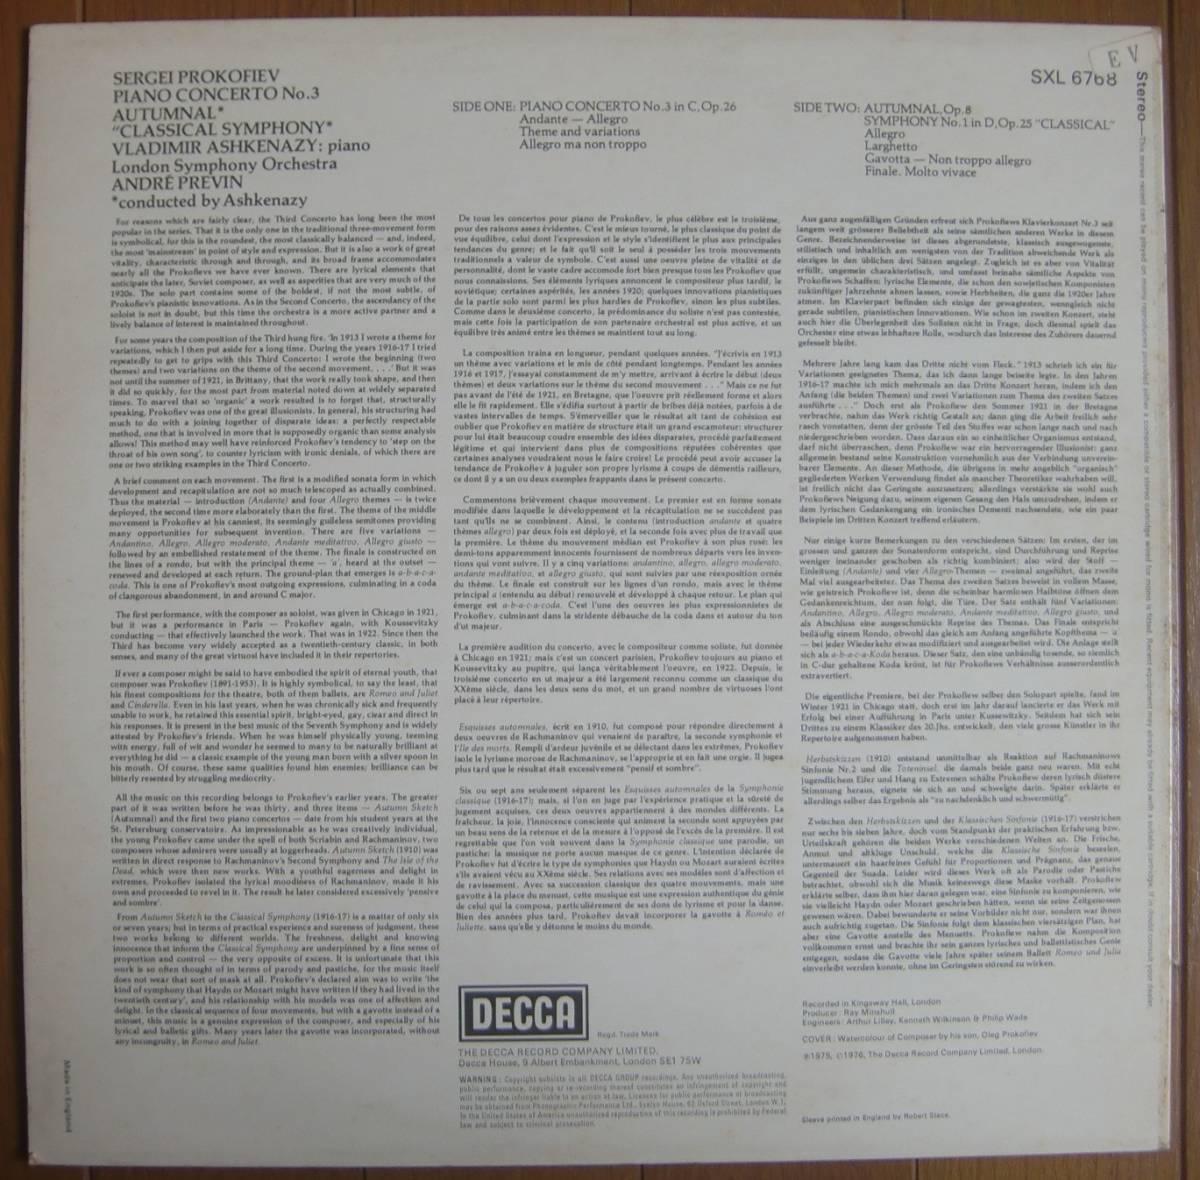 長岡鉄男 外盤A級セレクションNO127 プロコフィエフ:ピアノ協奏曲第3番他_画像2